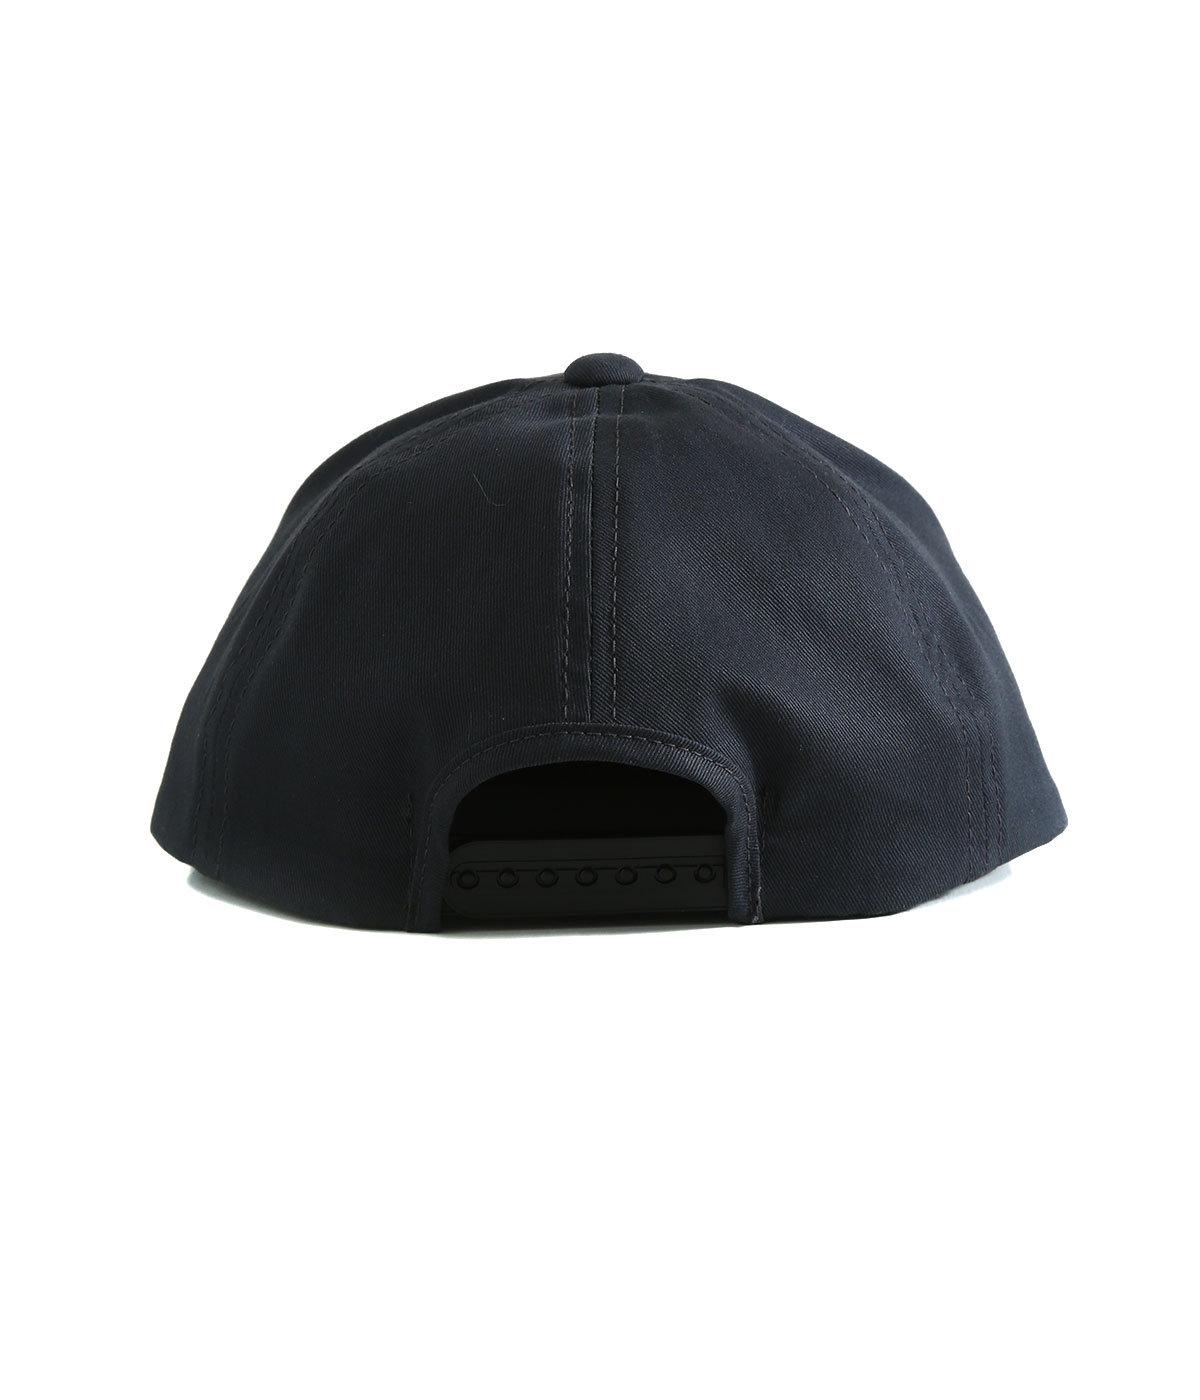 FULL PANEL CAP WHITE